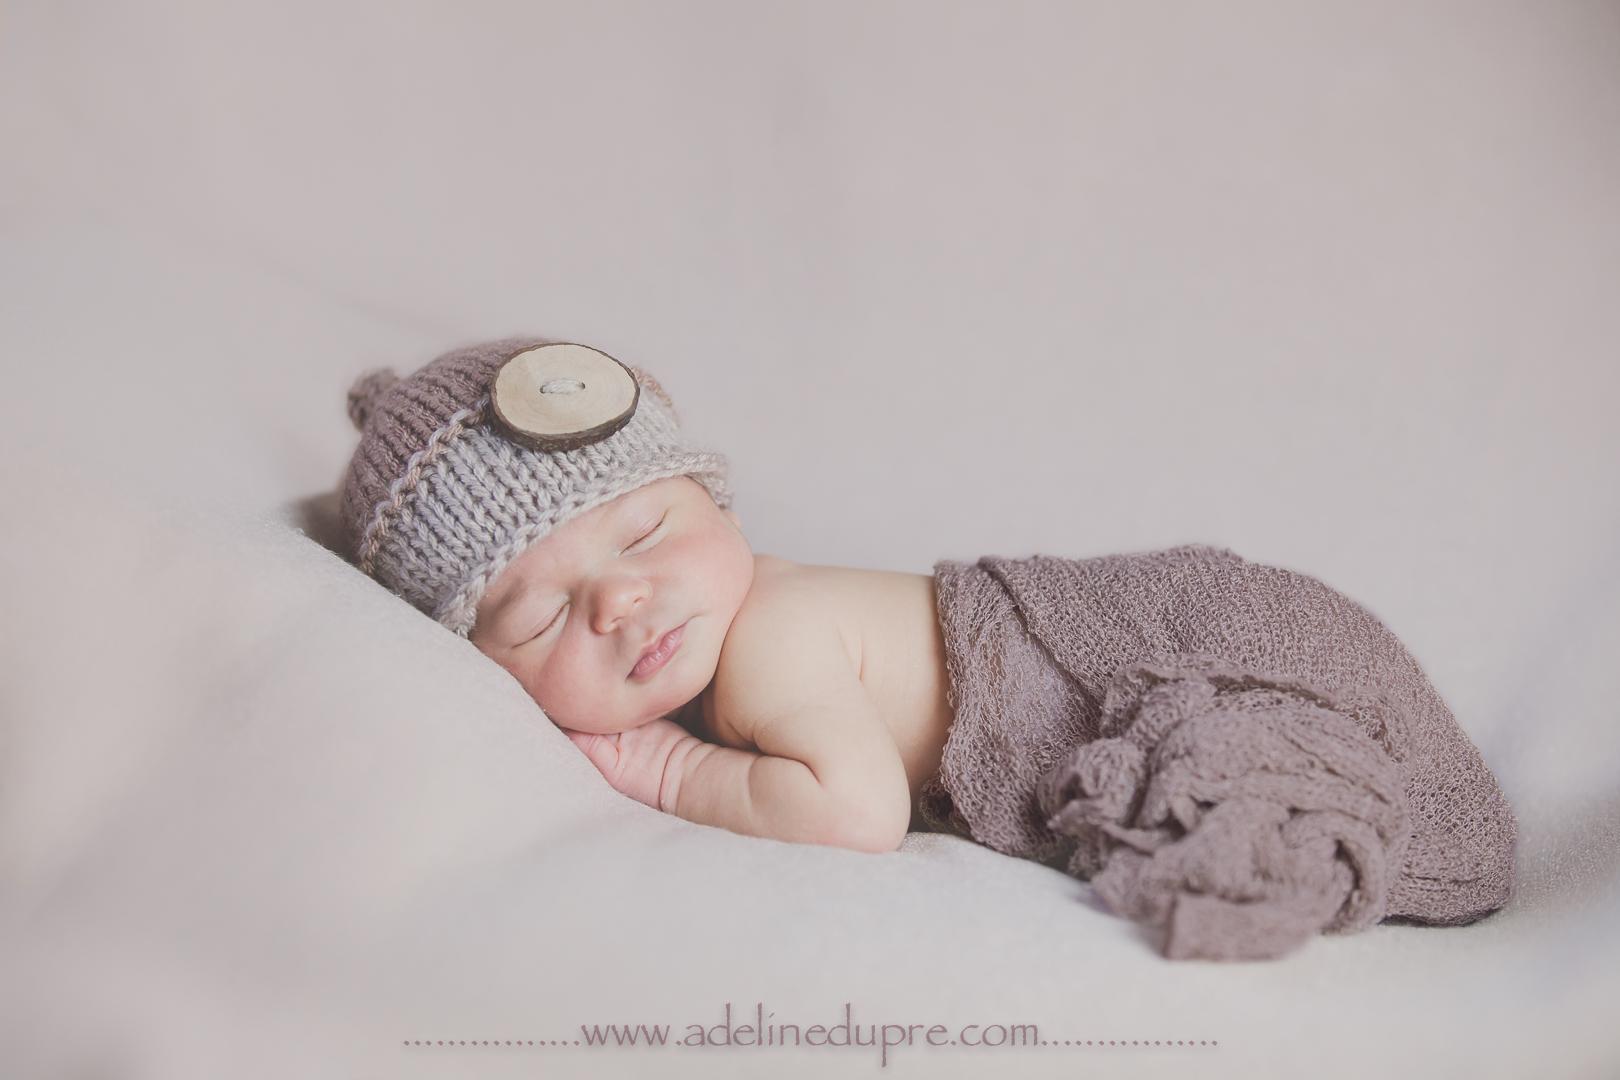 Adeline Dupre Photographe naissance bebe Yonne-